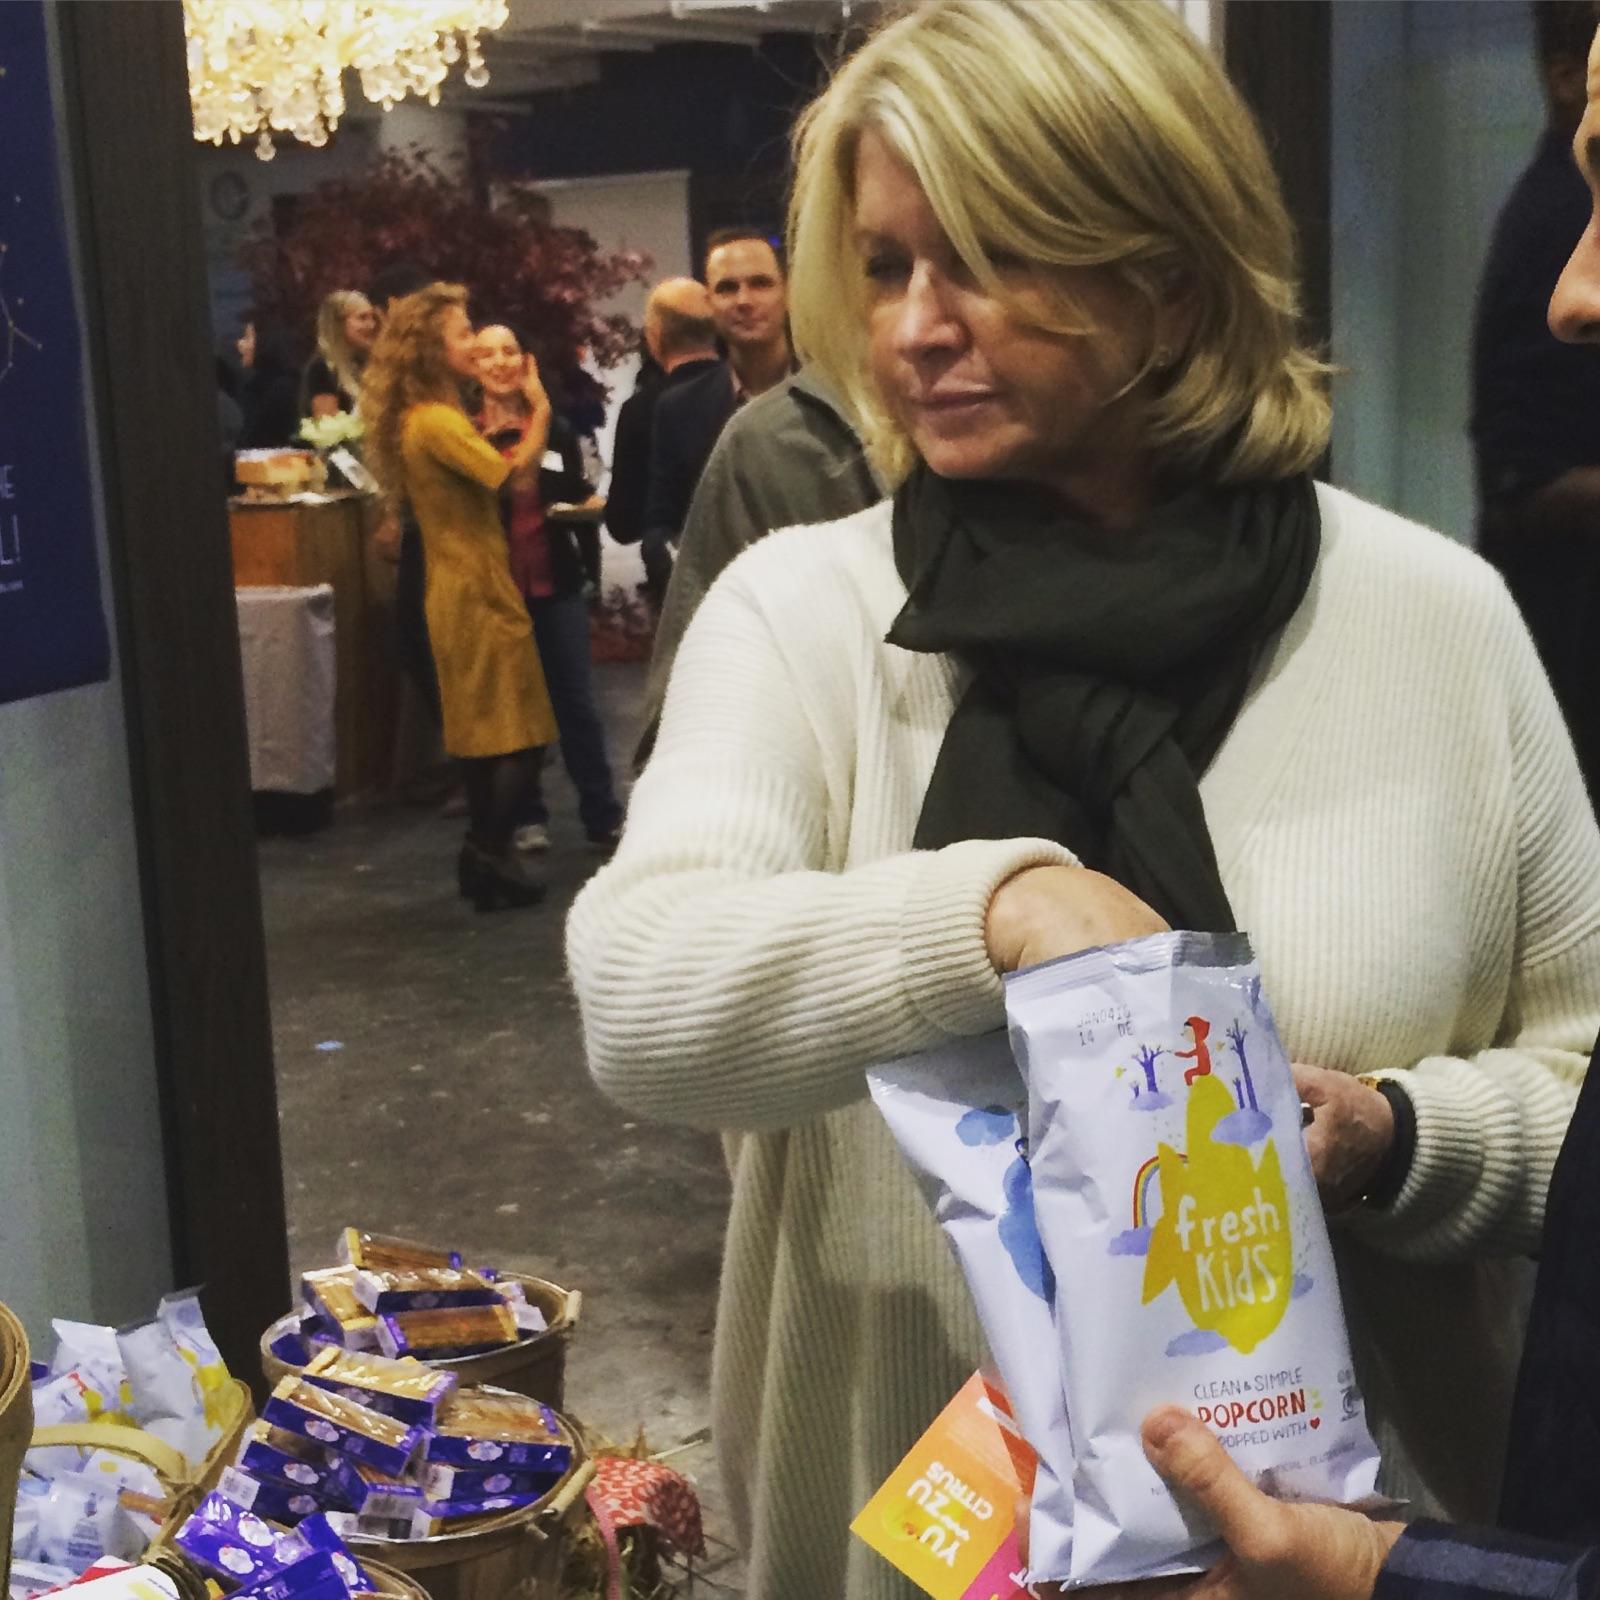 Martha Stewart Eats FreshKids Snacks